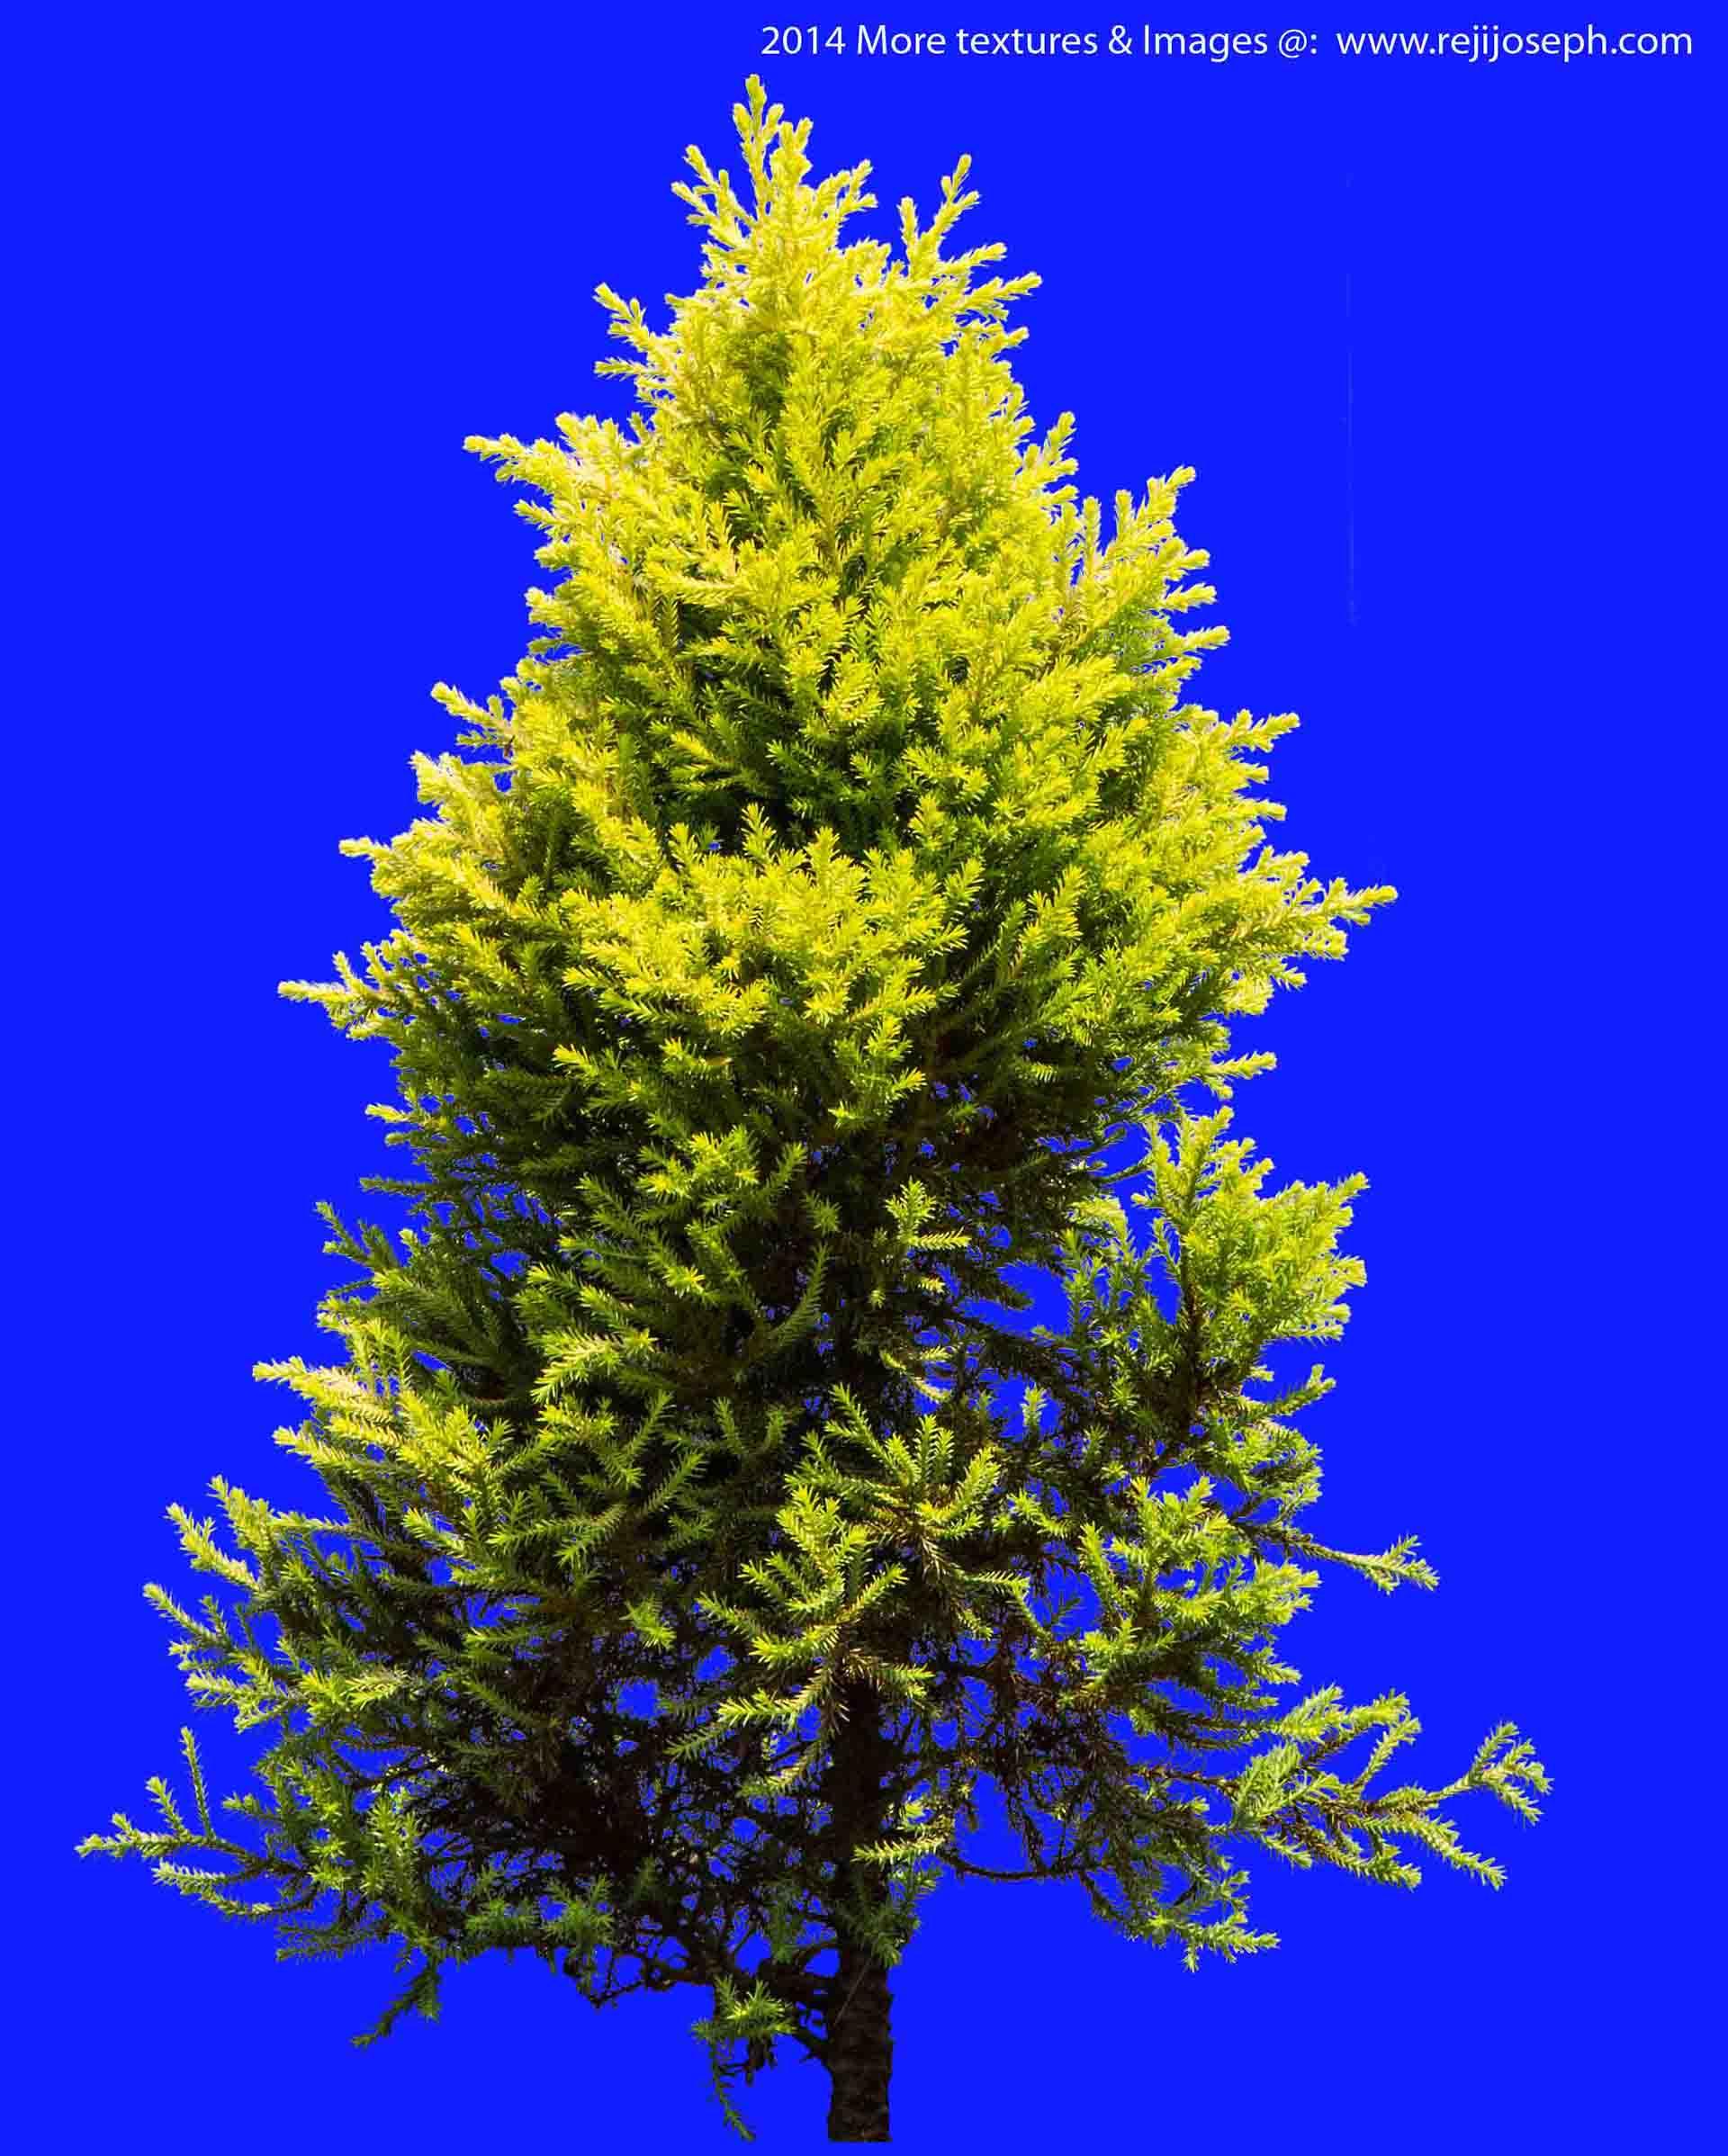 gold crest Garden Plant texture 00001